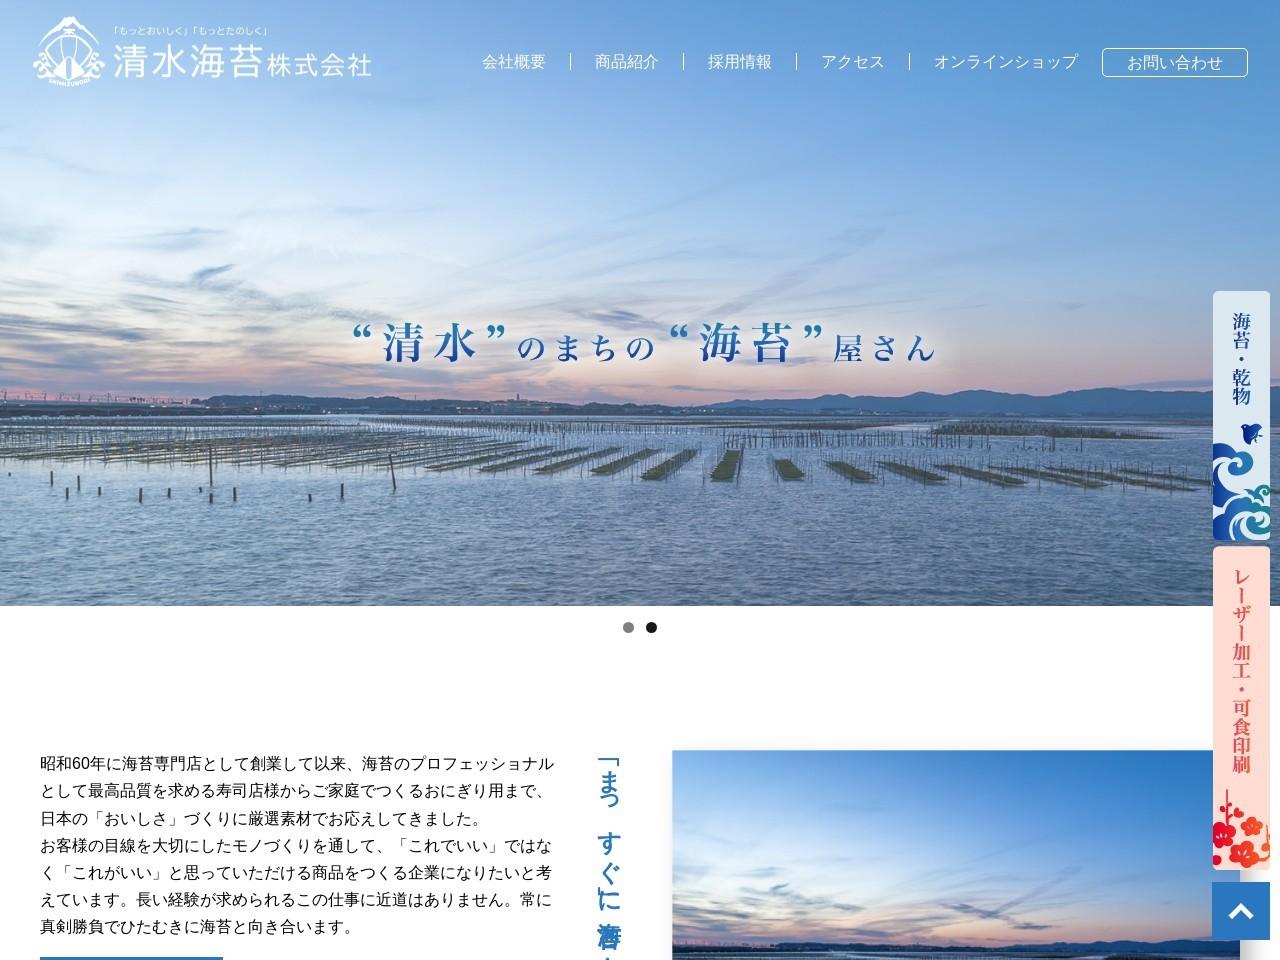 清水海苔株式会社